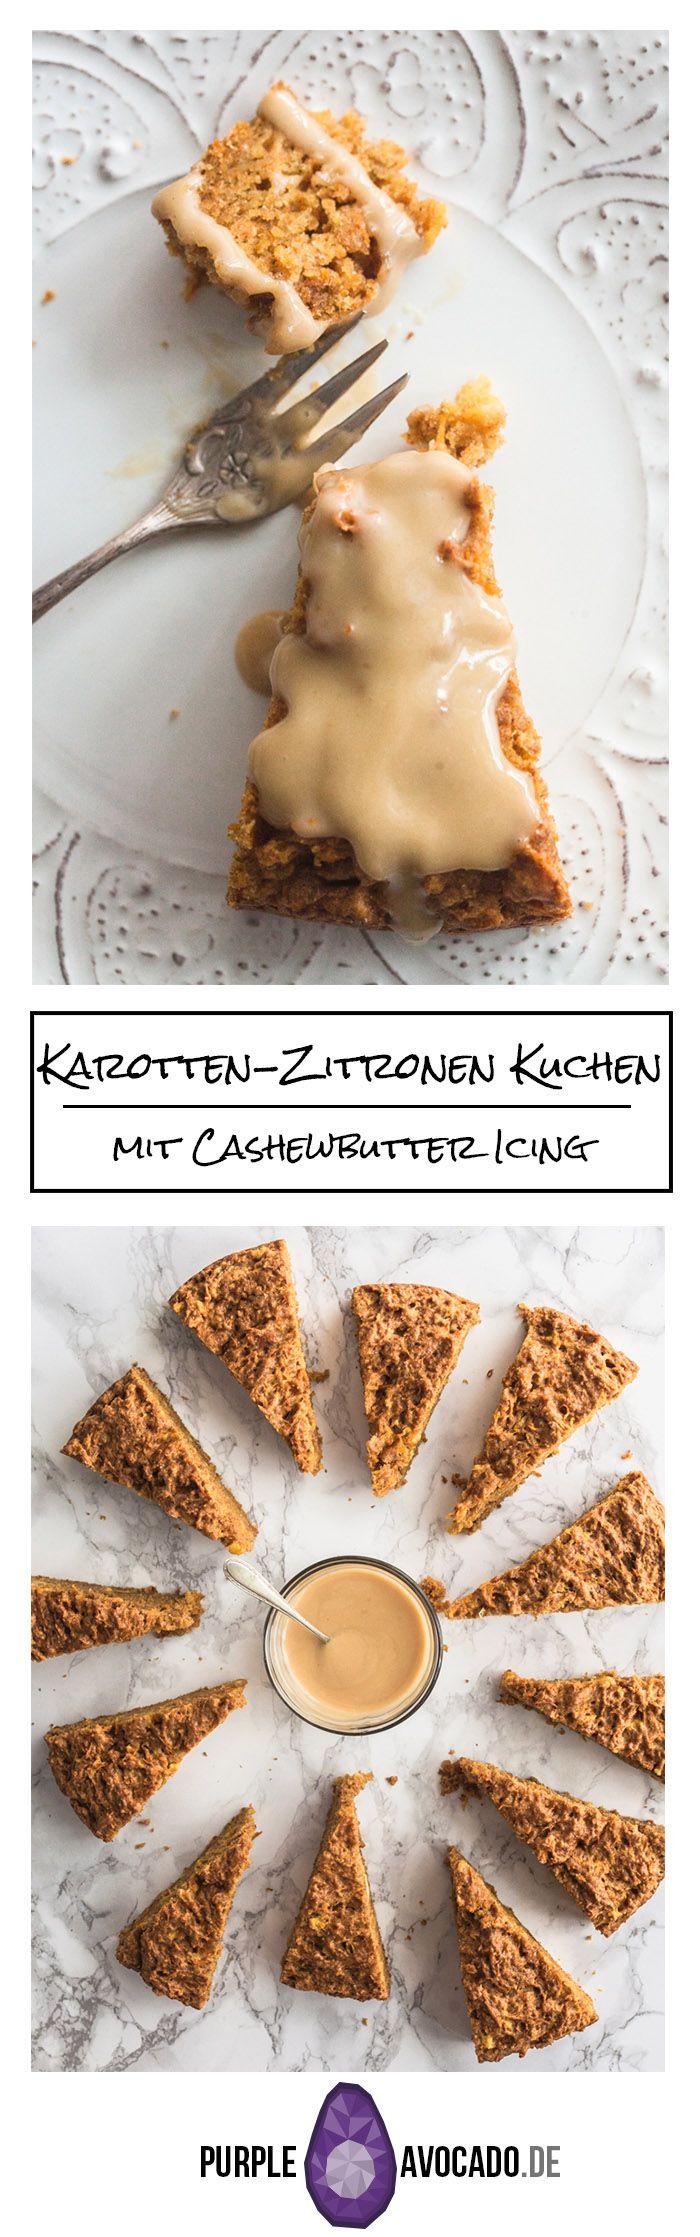 Kuchen haltbar kuhlschrank